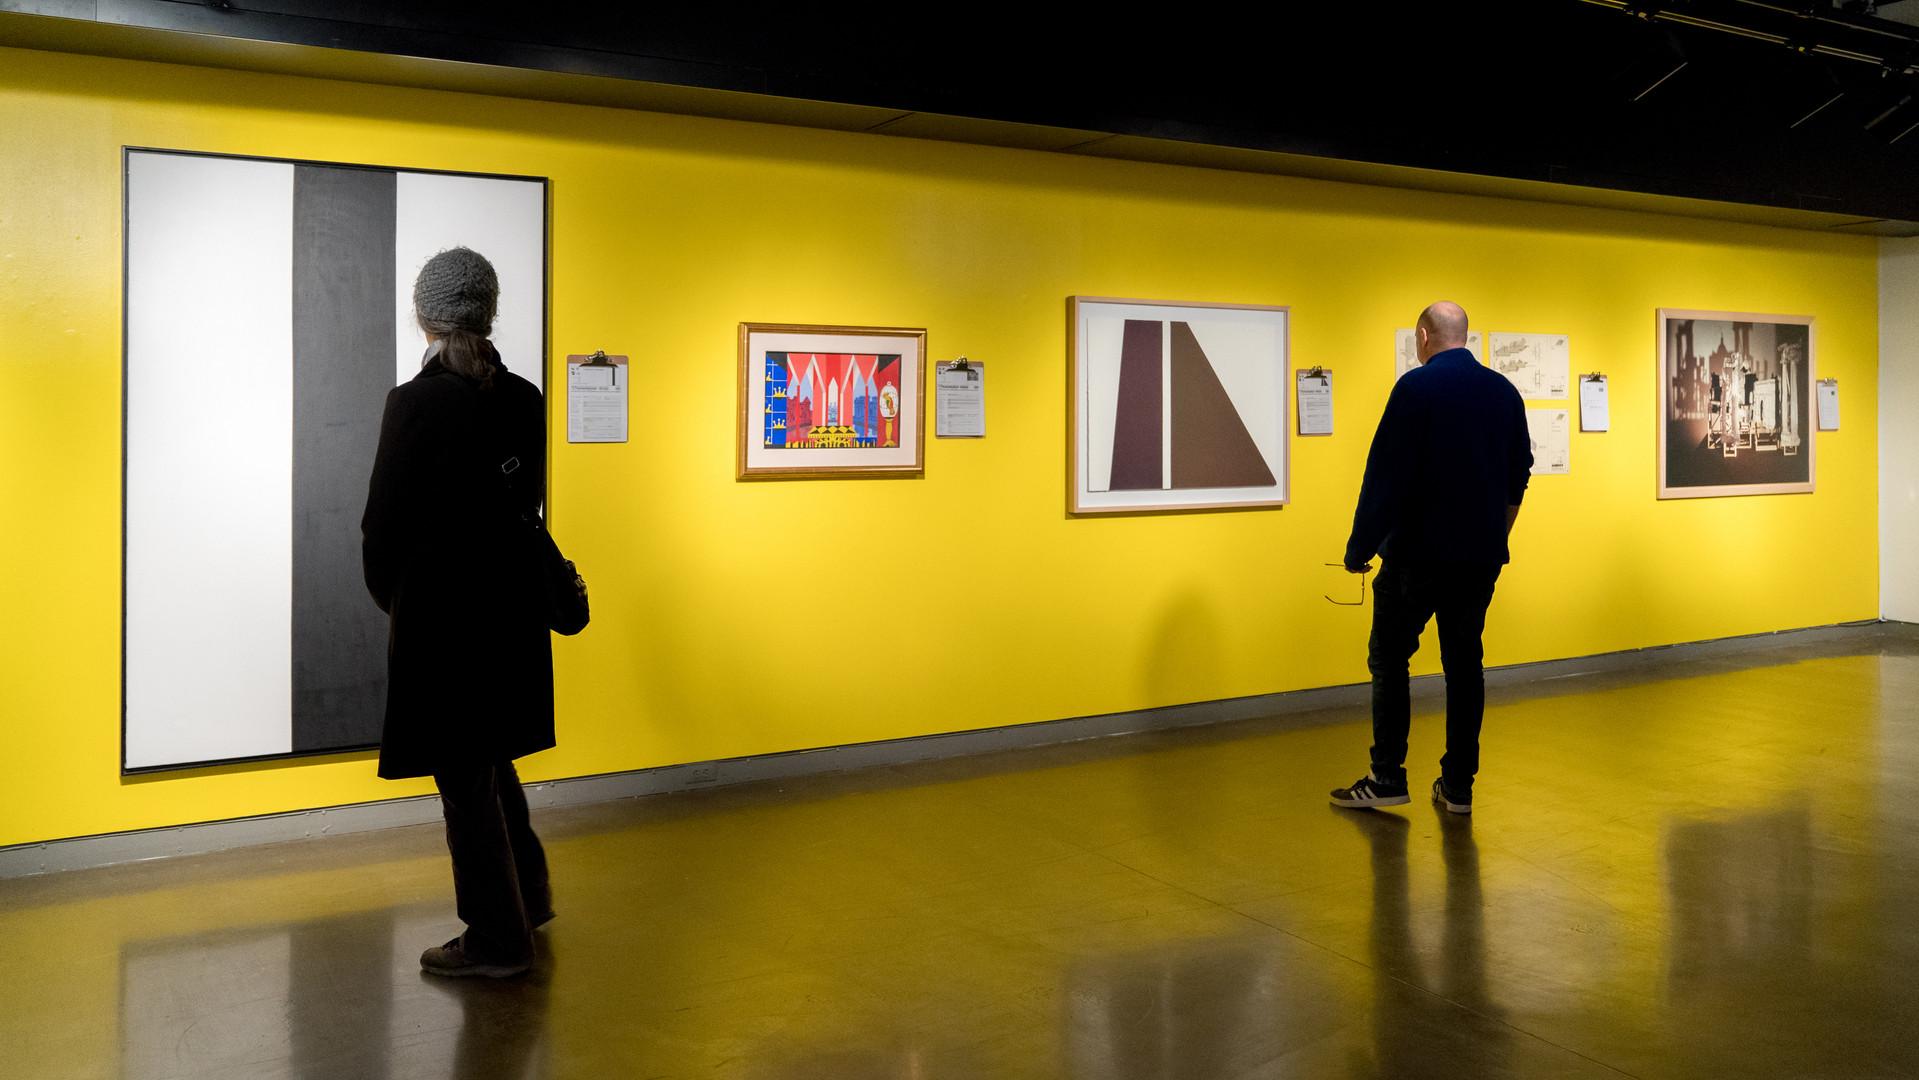 Vue d'exposition, oeuvres de la collection d'oeuvres d'art de l'UdeM